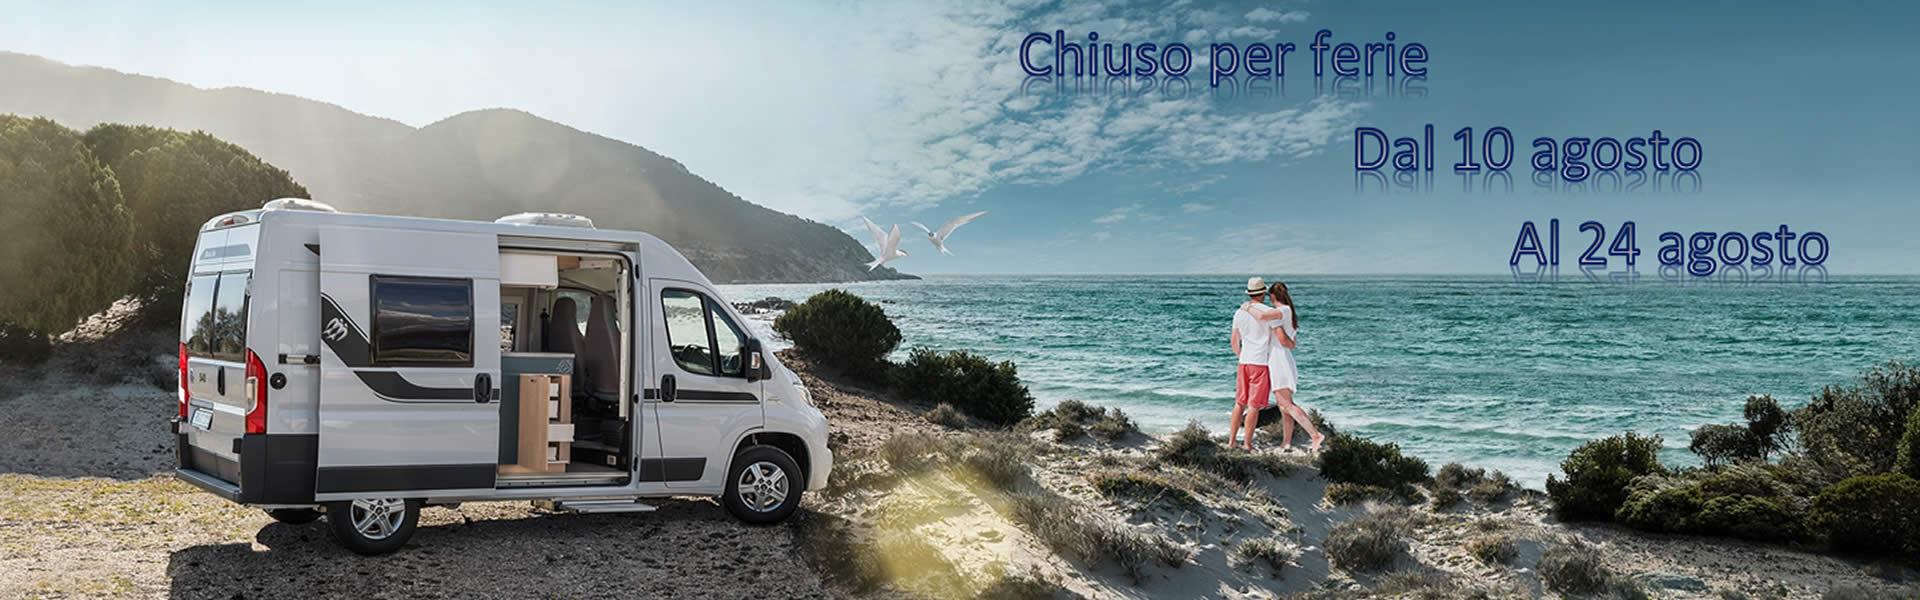 eurovacanze vendita camper caravan, chiuso per ferie